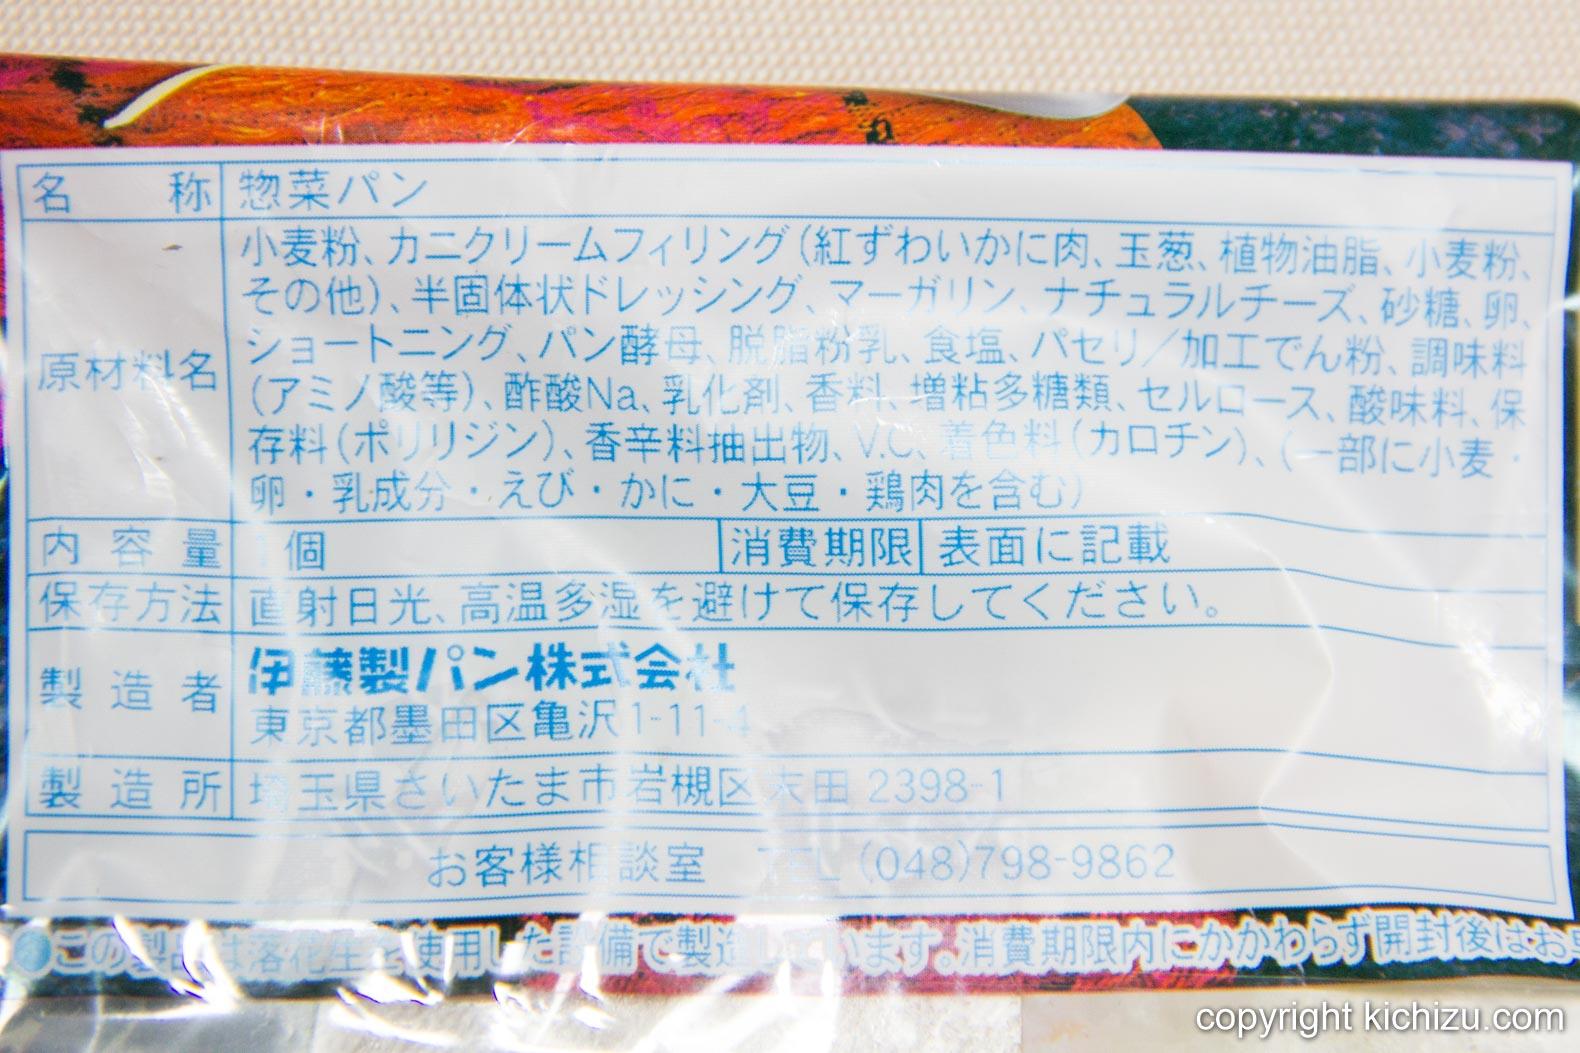 イトーパン 紅ずわい蟹クリームデニッシュ原材料名